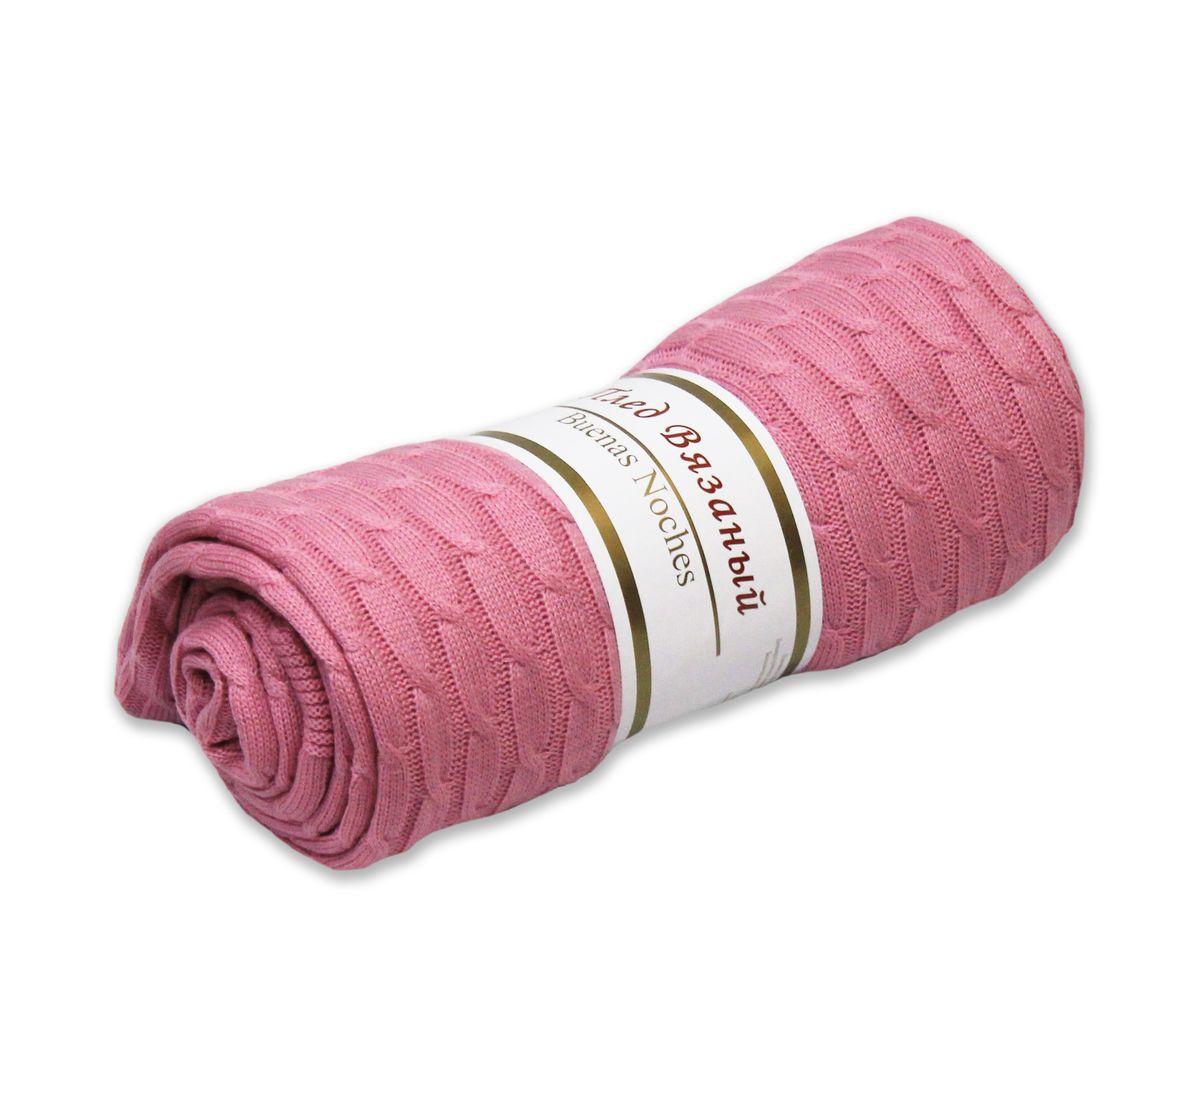 Плед вязаный Buenas Noches Manhattan, цвет: розовый, 180 х 200 см74376Вязаный плед Buenas Noches Manhattan - идеальное решение для вашего интерьера. Плед изготовлен из 100% акрила - современного высококачественного материала, который обладает замечательными свойствами. Изделия из акрила прекрасно сохраняют форму, не деформируются, не мнутся, всегда выглядят аккуратно, сохраняют размер и привлекательный внешний вид долгое время. Акрил идеален при использовании под открытым небом, так как обладает свойством водоотталкивания и быстро высыхает. Материал гипоаллергенный, безопасный, стойкий к воздействию живых организмов, волокнам не страшна плесень. Плед мягкий, приятный на ощупь, великолепный на вид, он обладает низкой теплопроводностью, замечательно сохраняет тепло. Беспрецедентная стойкость и ровность красок позволит пледу не выгореть на солнце и остаться первозданно ярким в течение продолжительного времени. Продукция Buenas Noches сделана с особой заботой, специально для вас и уюта в вашем доме! Рекомендации по уходу: -...